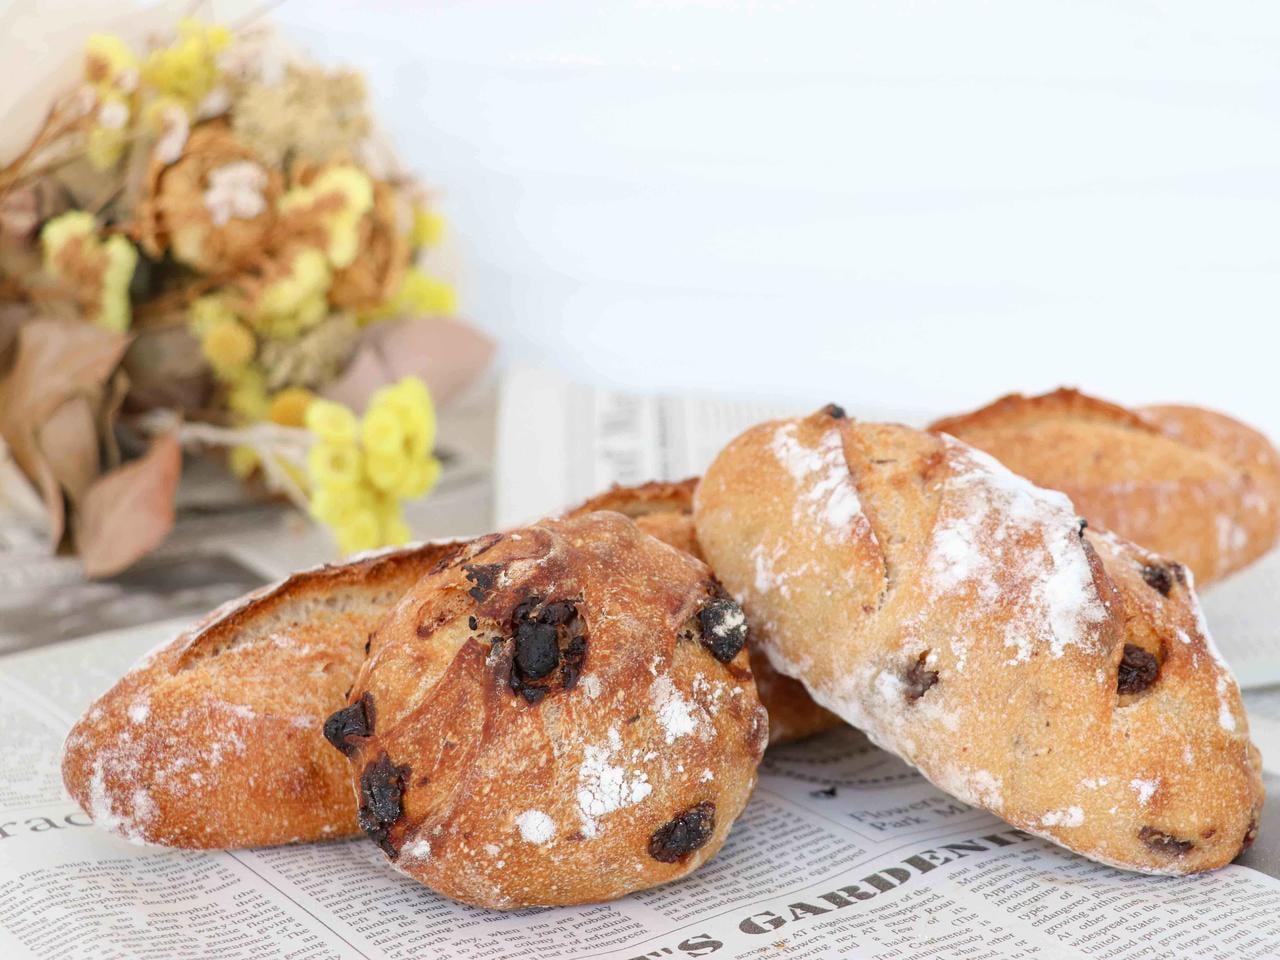 【姫路】小麦香る!ハード系パンが買える人気店5選 ワインにもぴったり